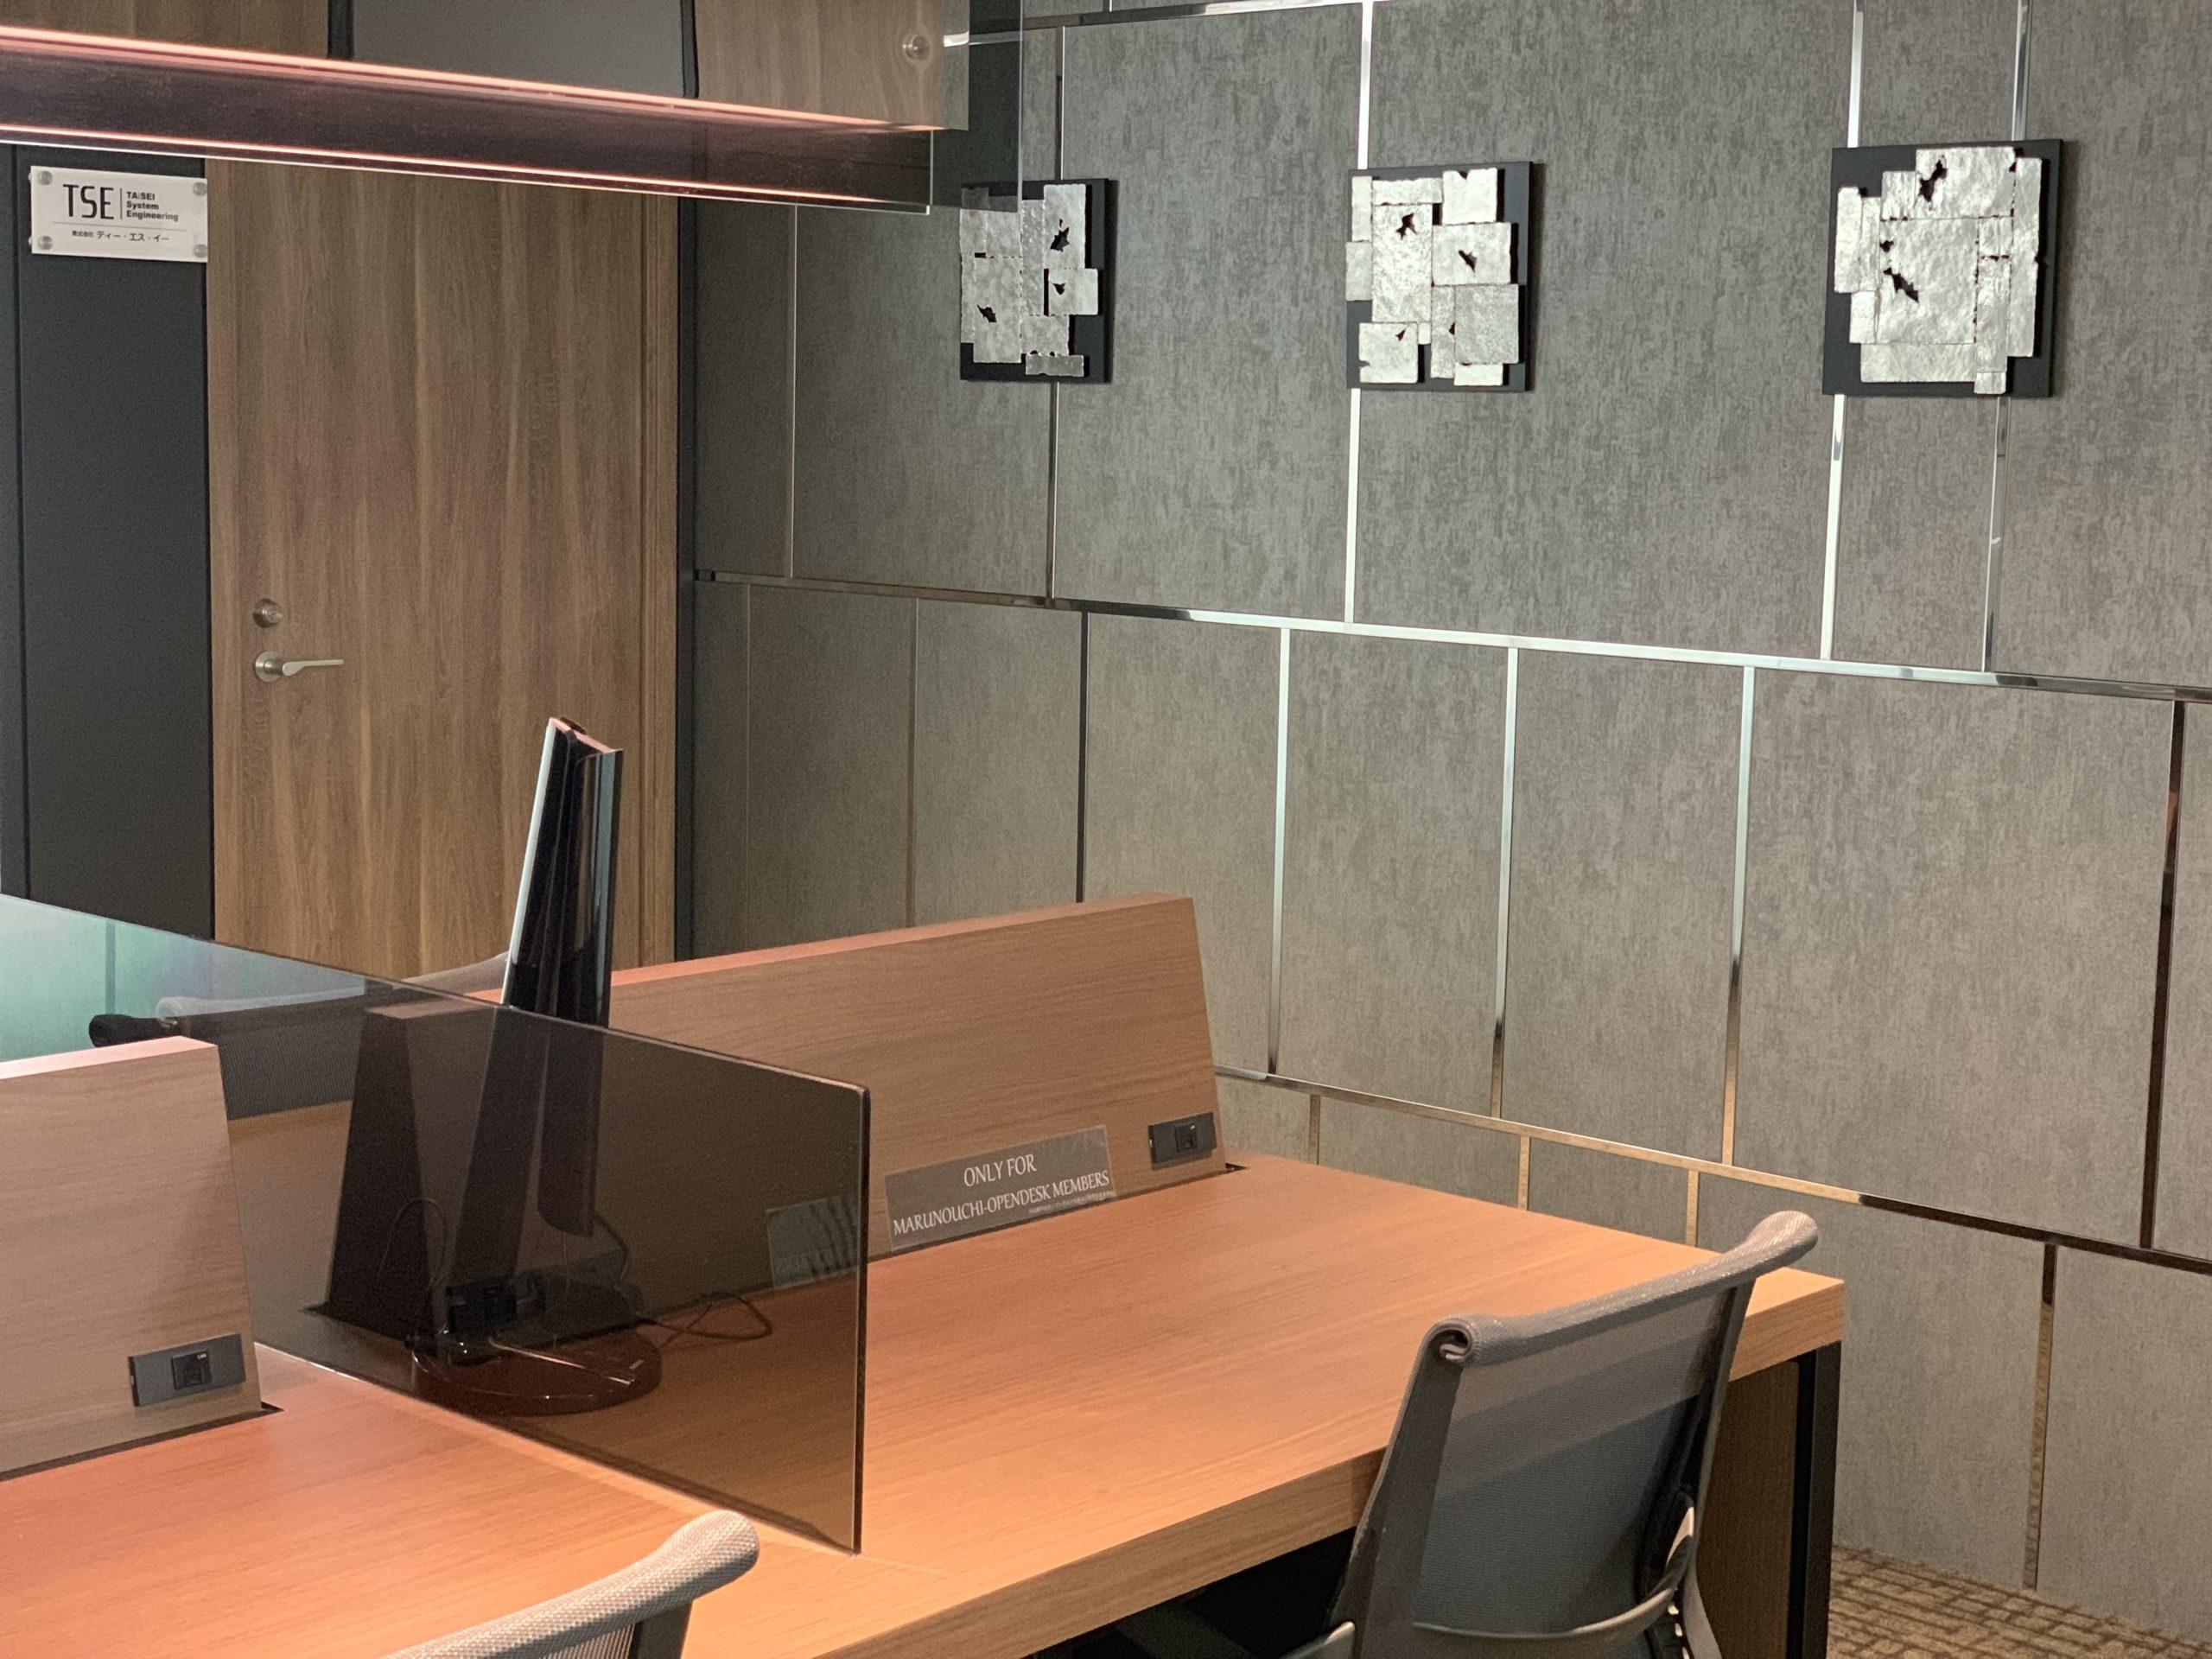 ビジネスエアポート丸の内 サービスオフィス(レンタルオフィス)